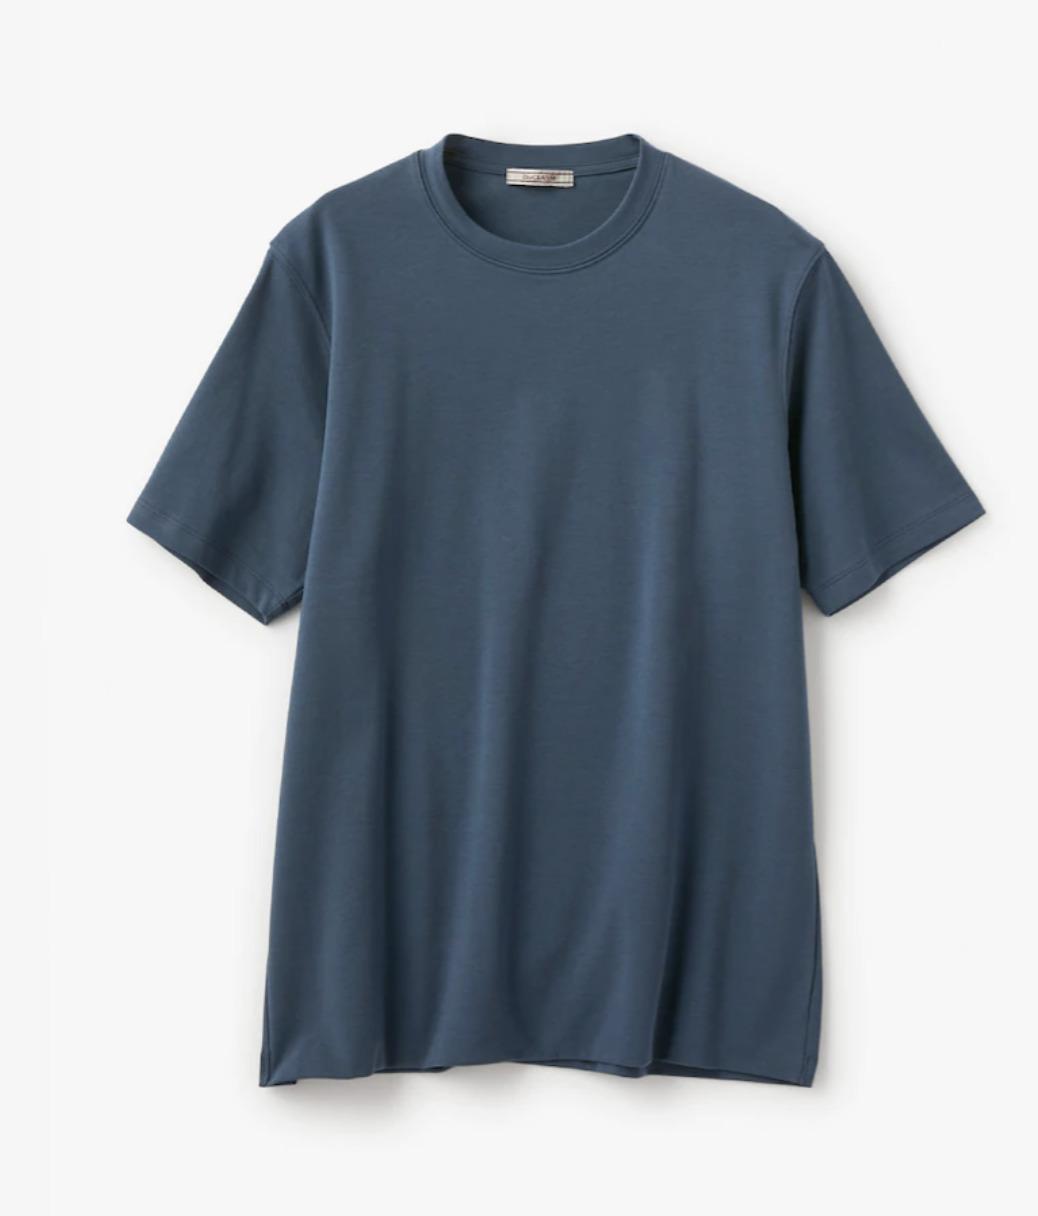 ドゥクラッセTシャツ メンズ